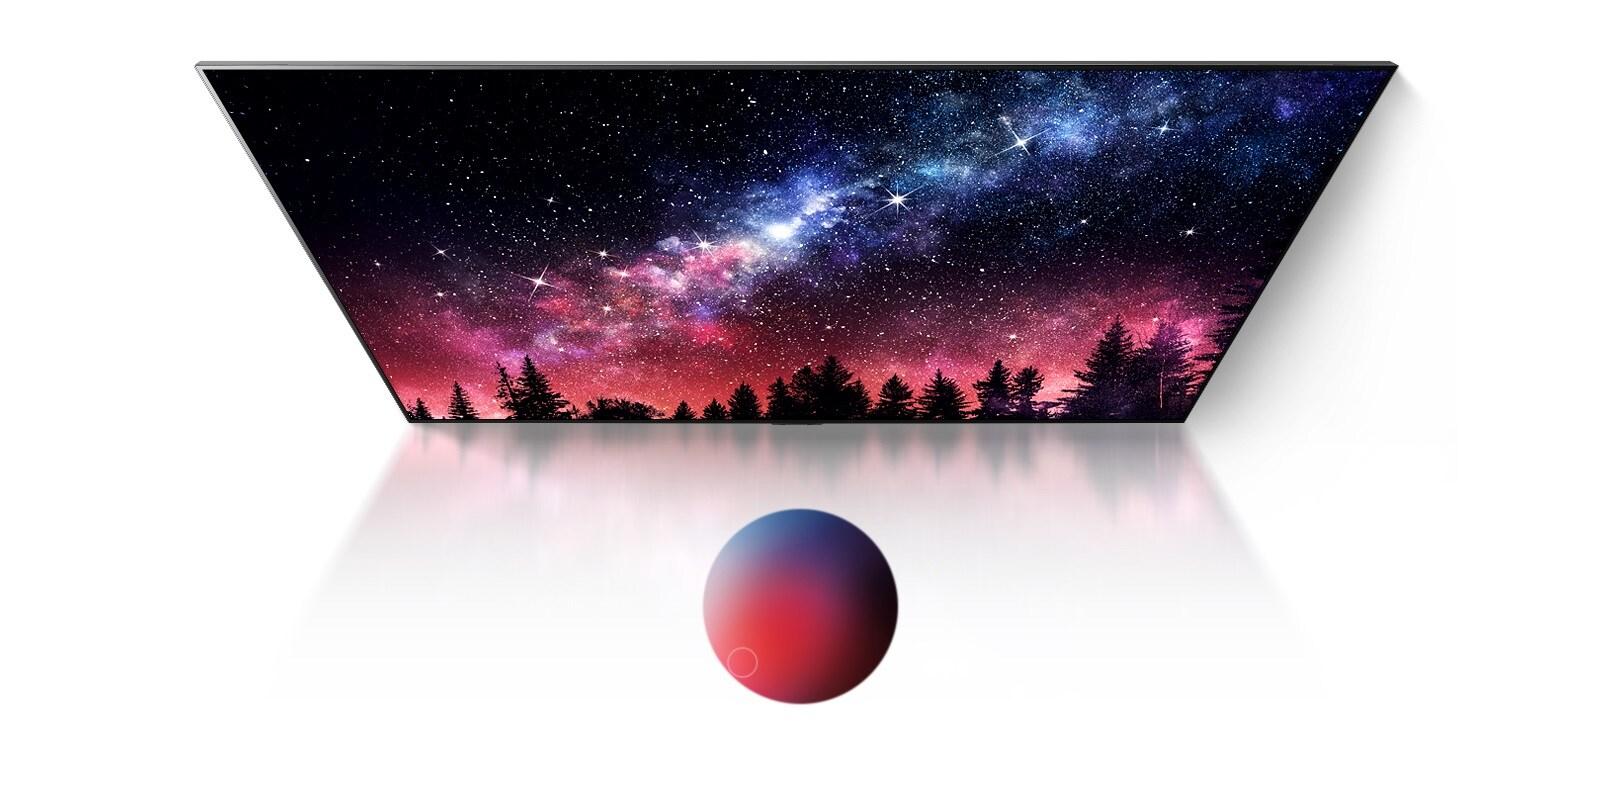 Màn hình TV hiển thị dải ngân hà, bầu trời xanh, và sự bùng nổ của bụi đầy màu sắc với chất lượng tuyệt vời (phát video)